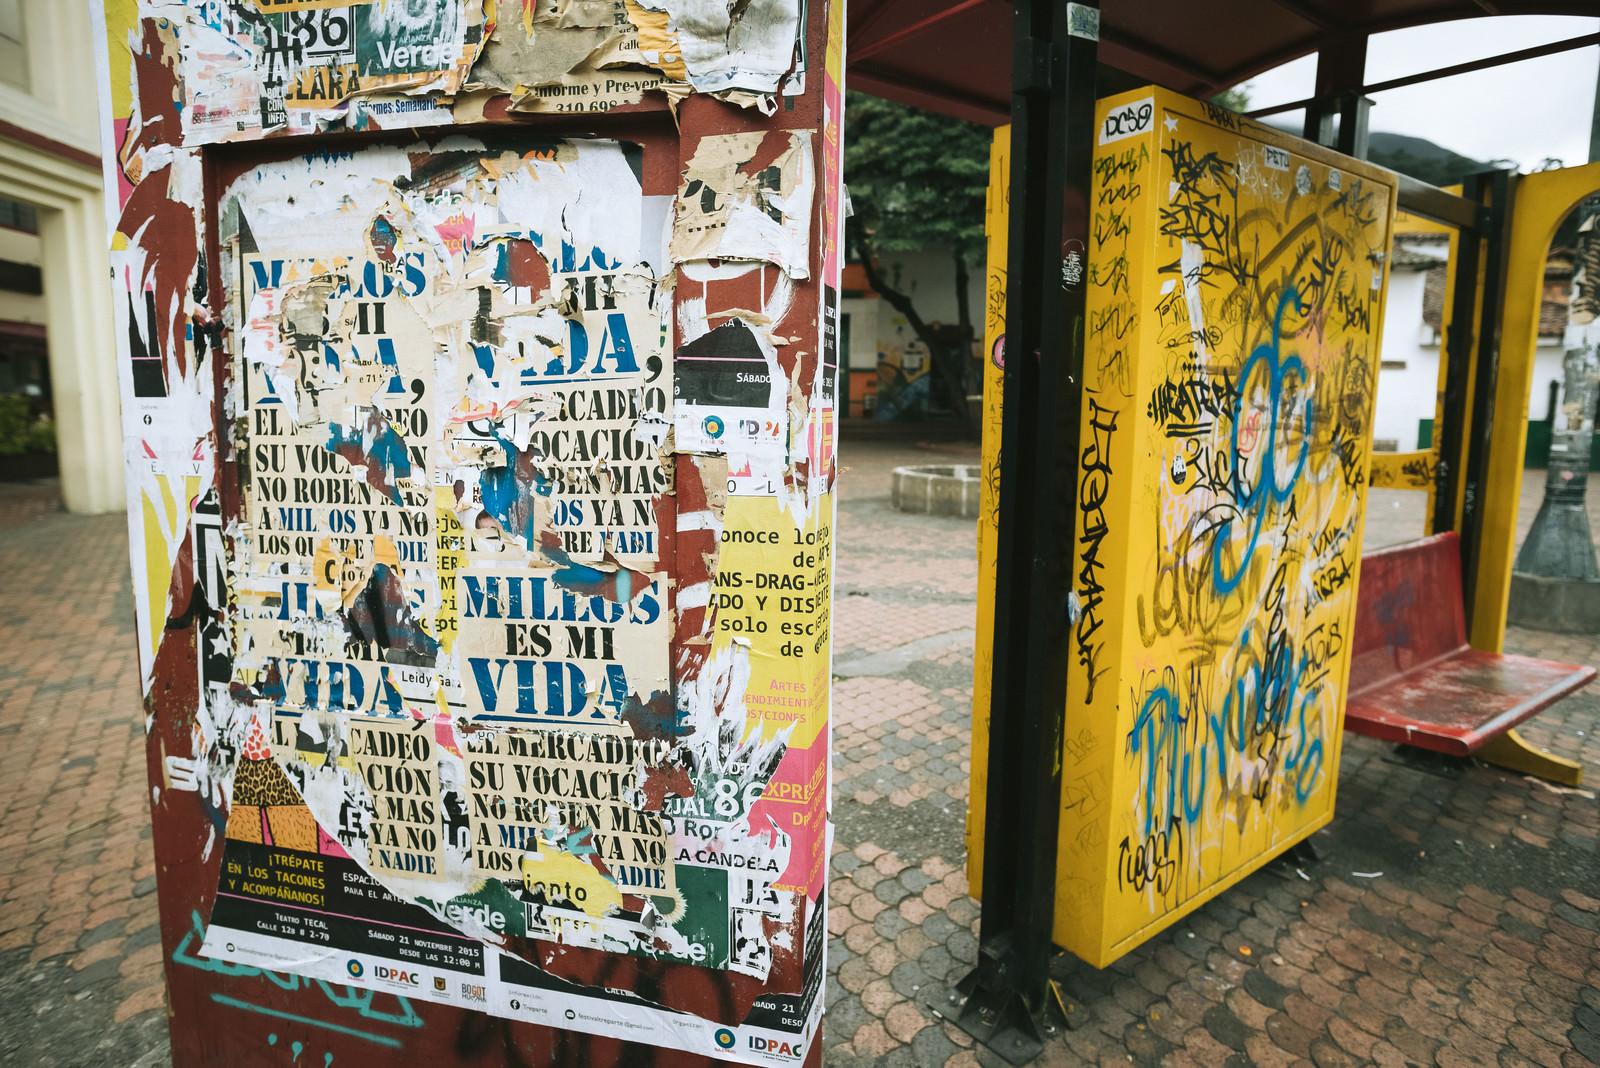 「落書が酷いバス停(コロンビア) | 写真の無料素材・フリー素材 - ぱくたそ」の写真